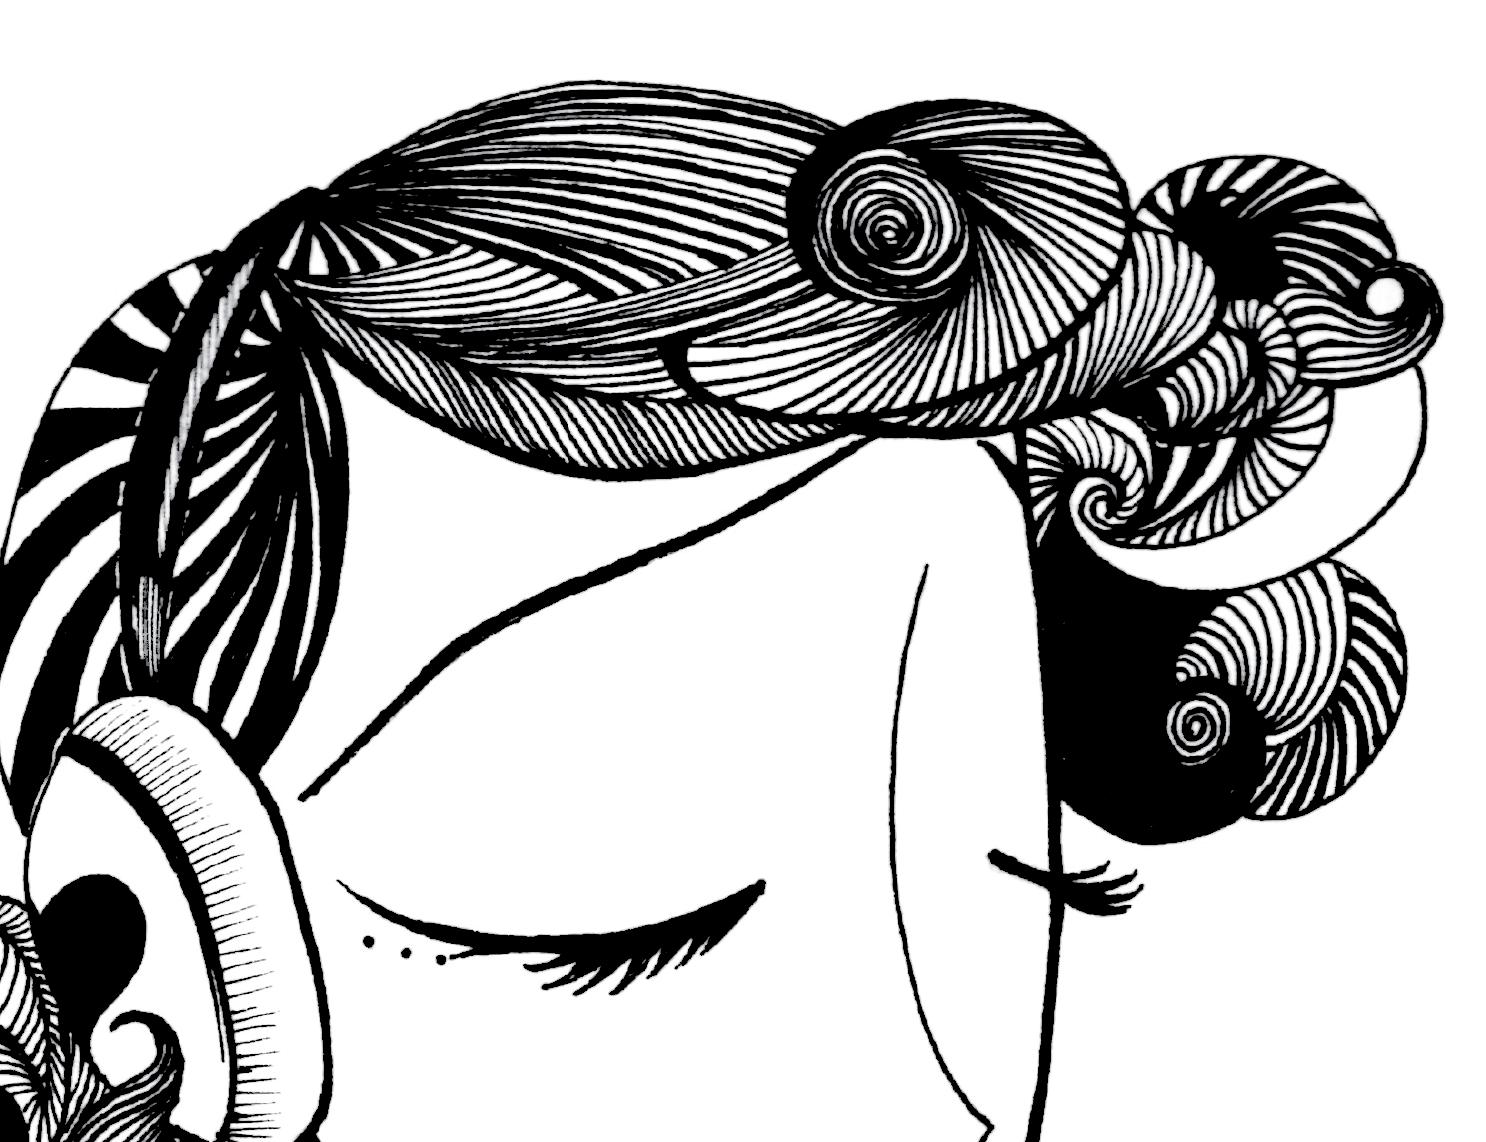 GirlIllustration1.png